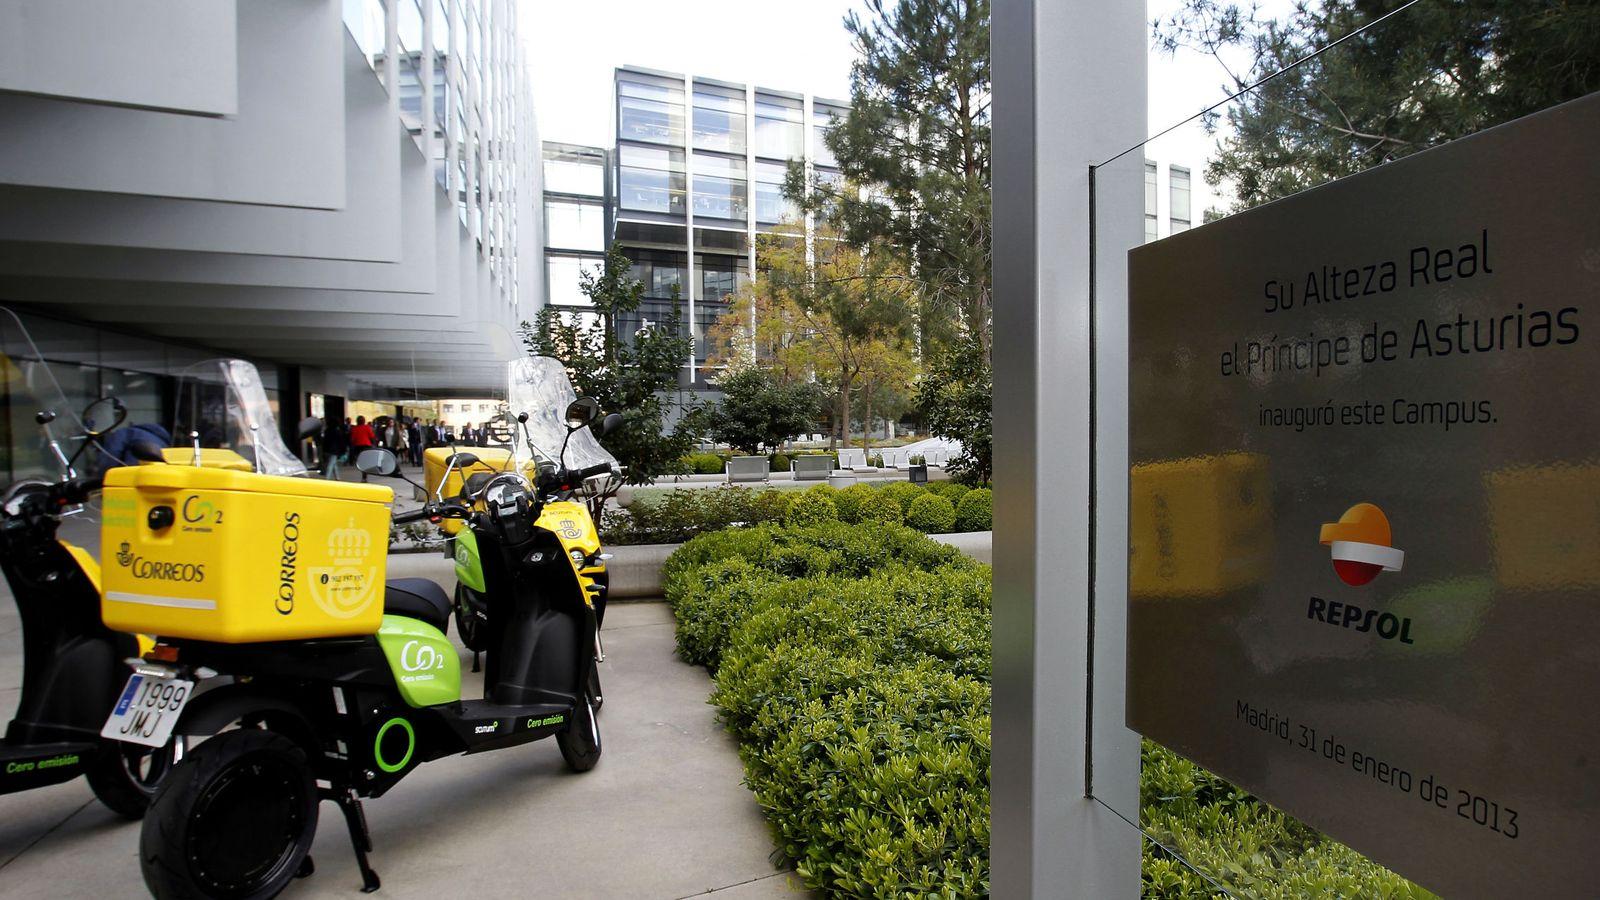 Oposiciones examen oposiciones a correos horario direcci n del centro de examen y requisitos - Horario oficina correos madrid ...